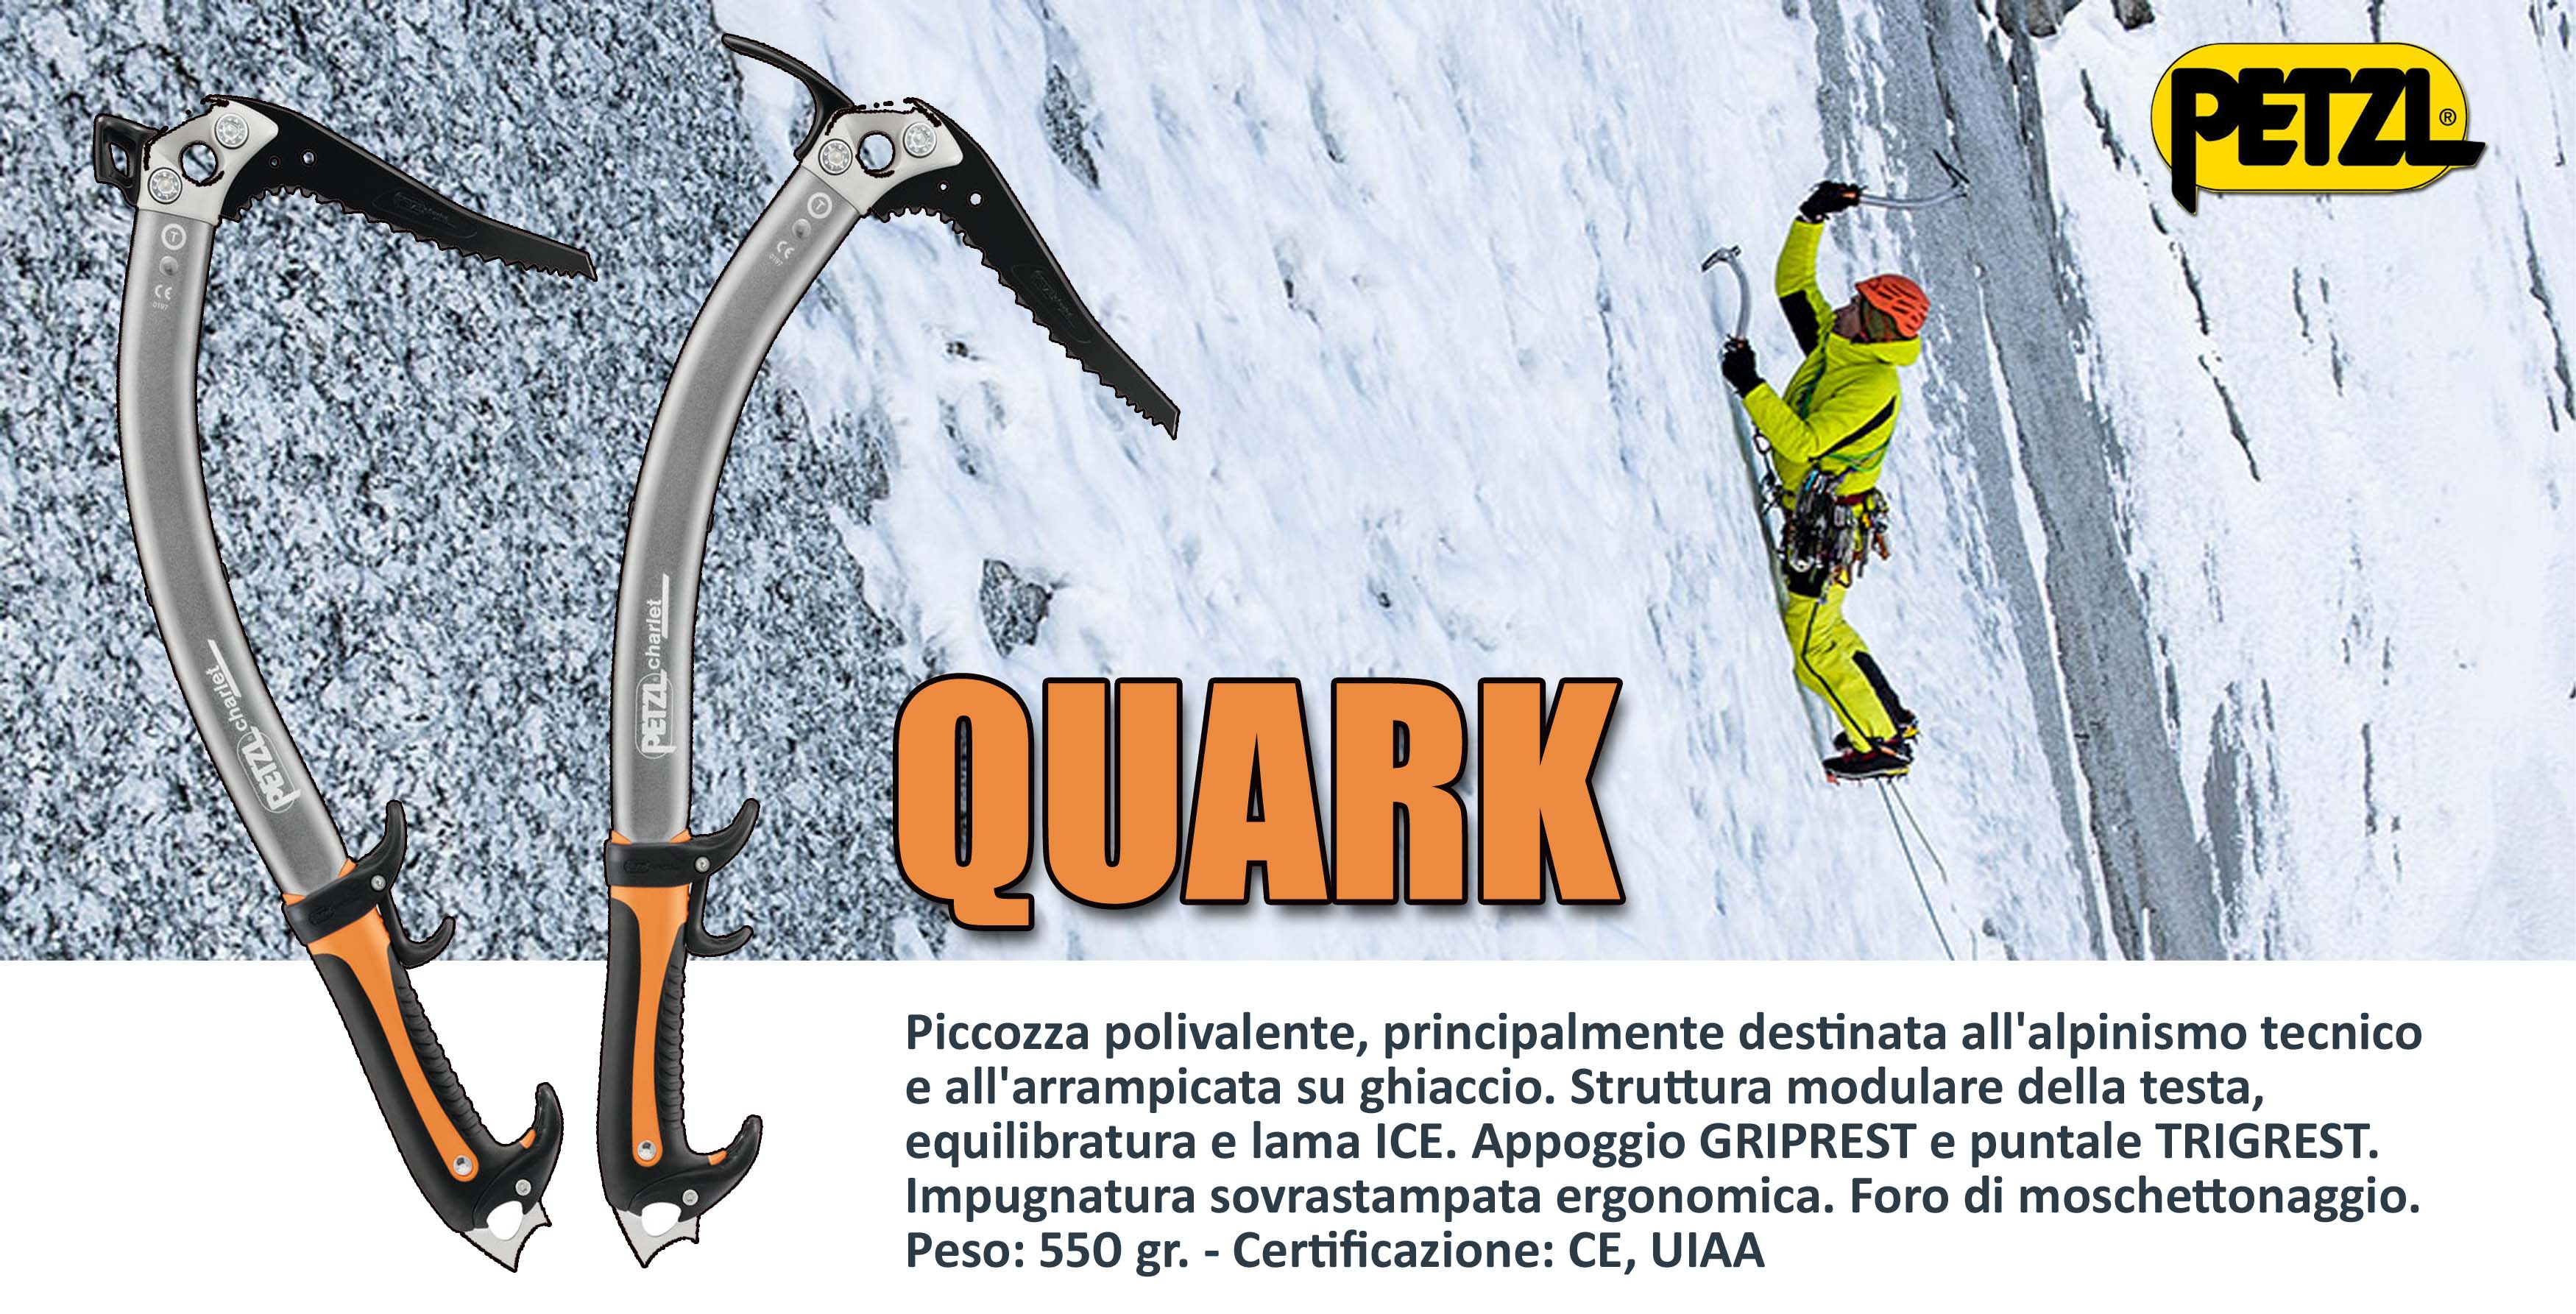 petzl-quark